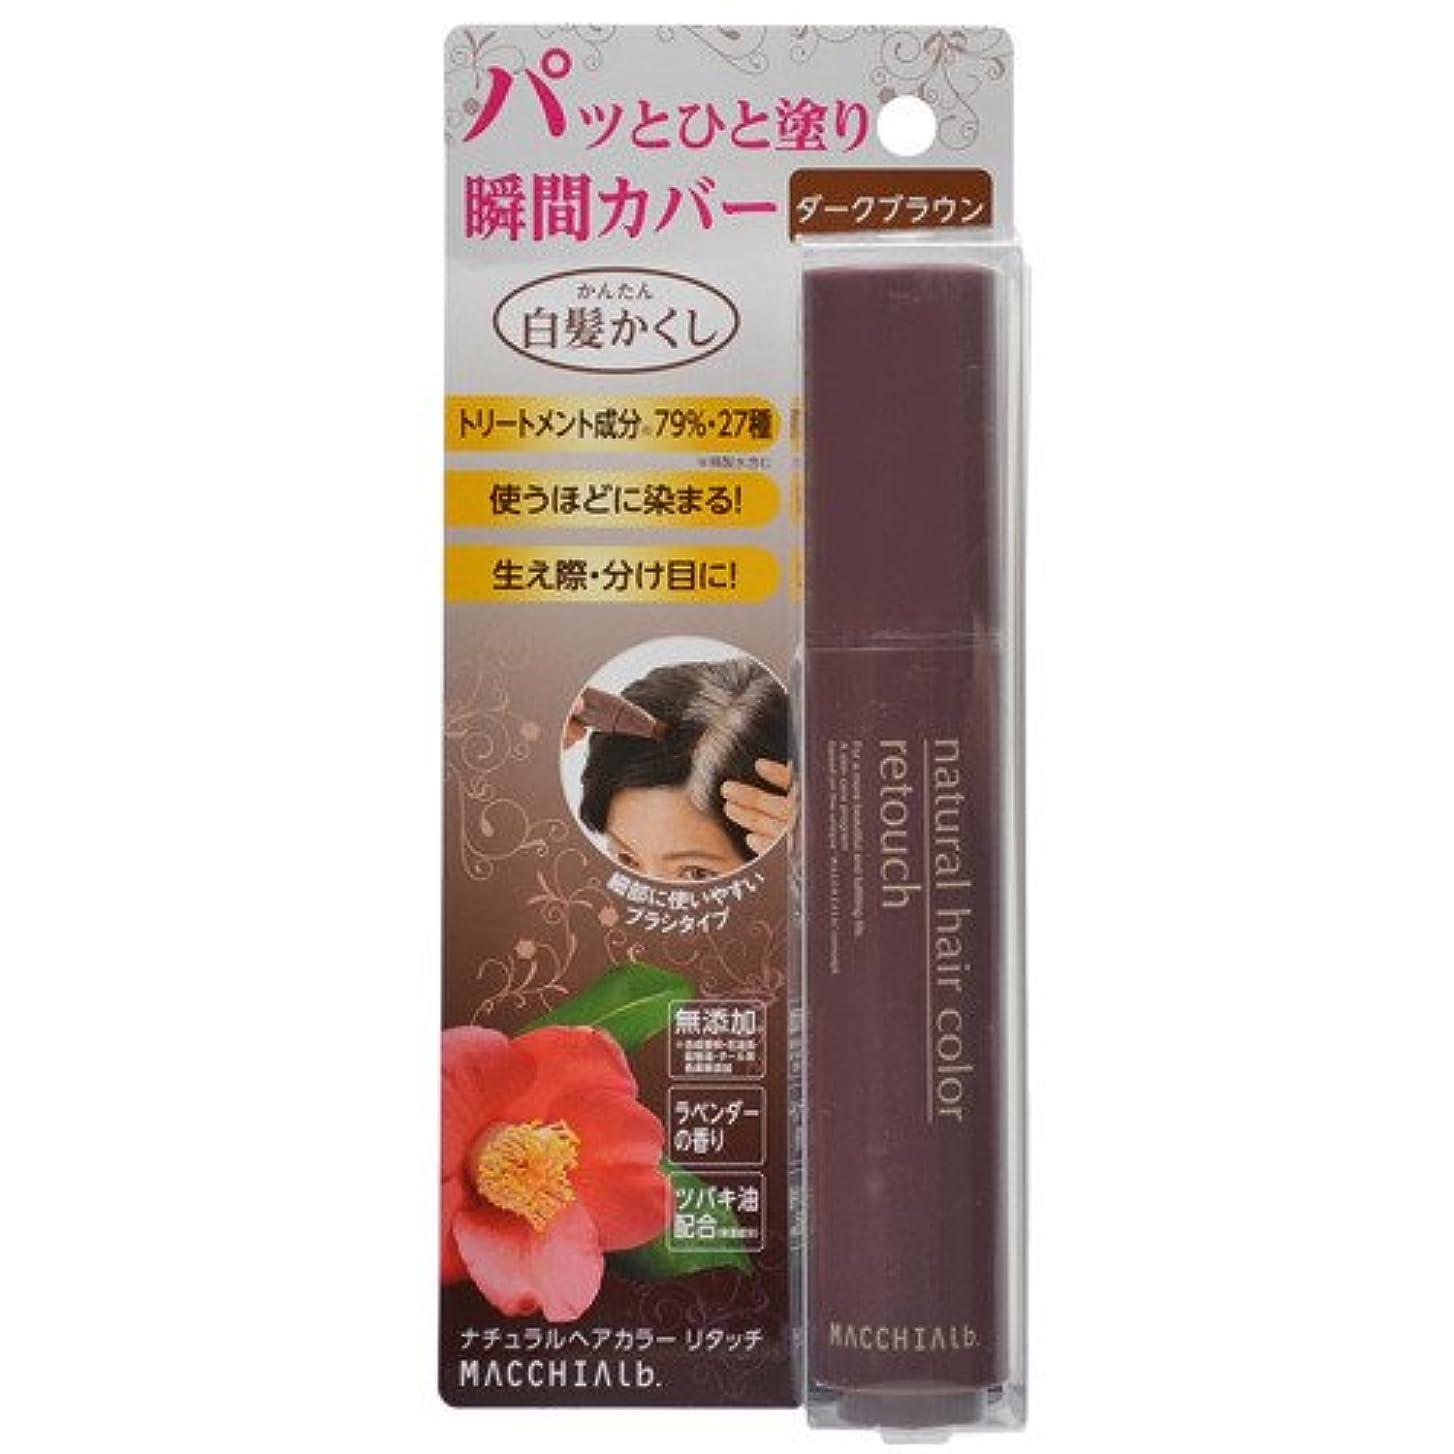 豆腐原因キロメートルマキアレイベル ナチュラルヘアカラー リタッチ ダークブラウン 20g